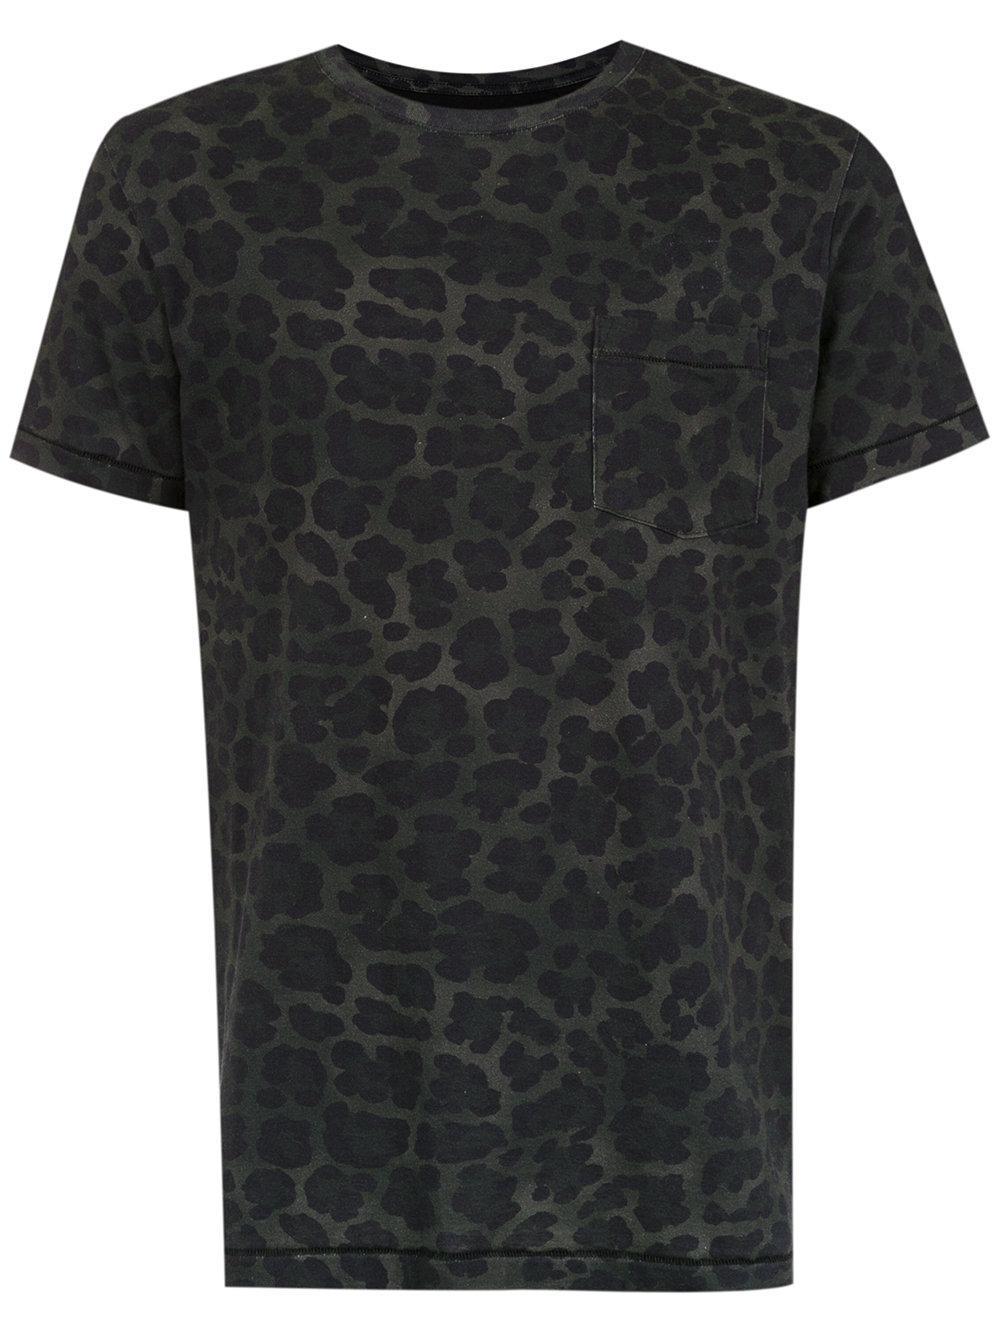 Osklen Pocket Printed T-shirt - Black